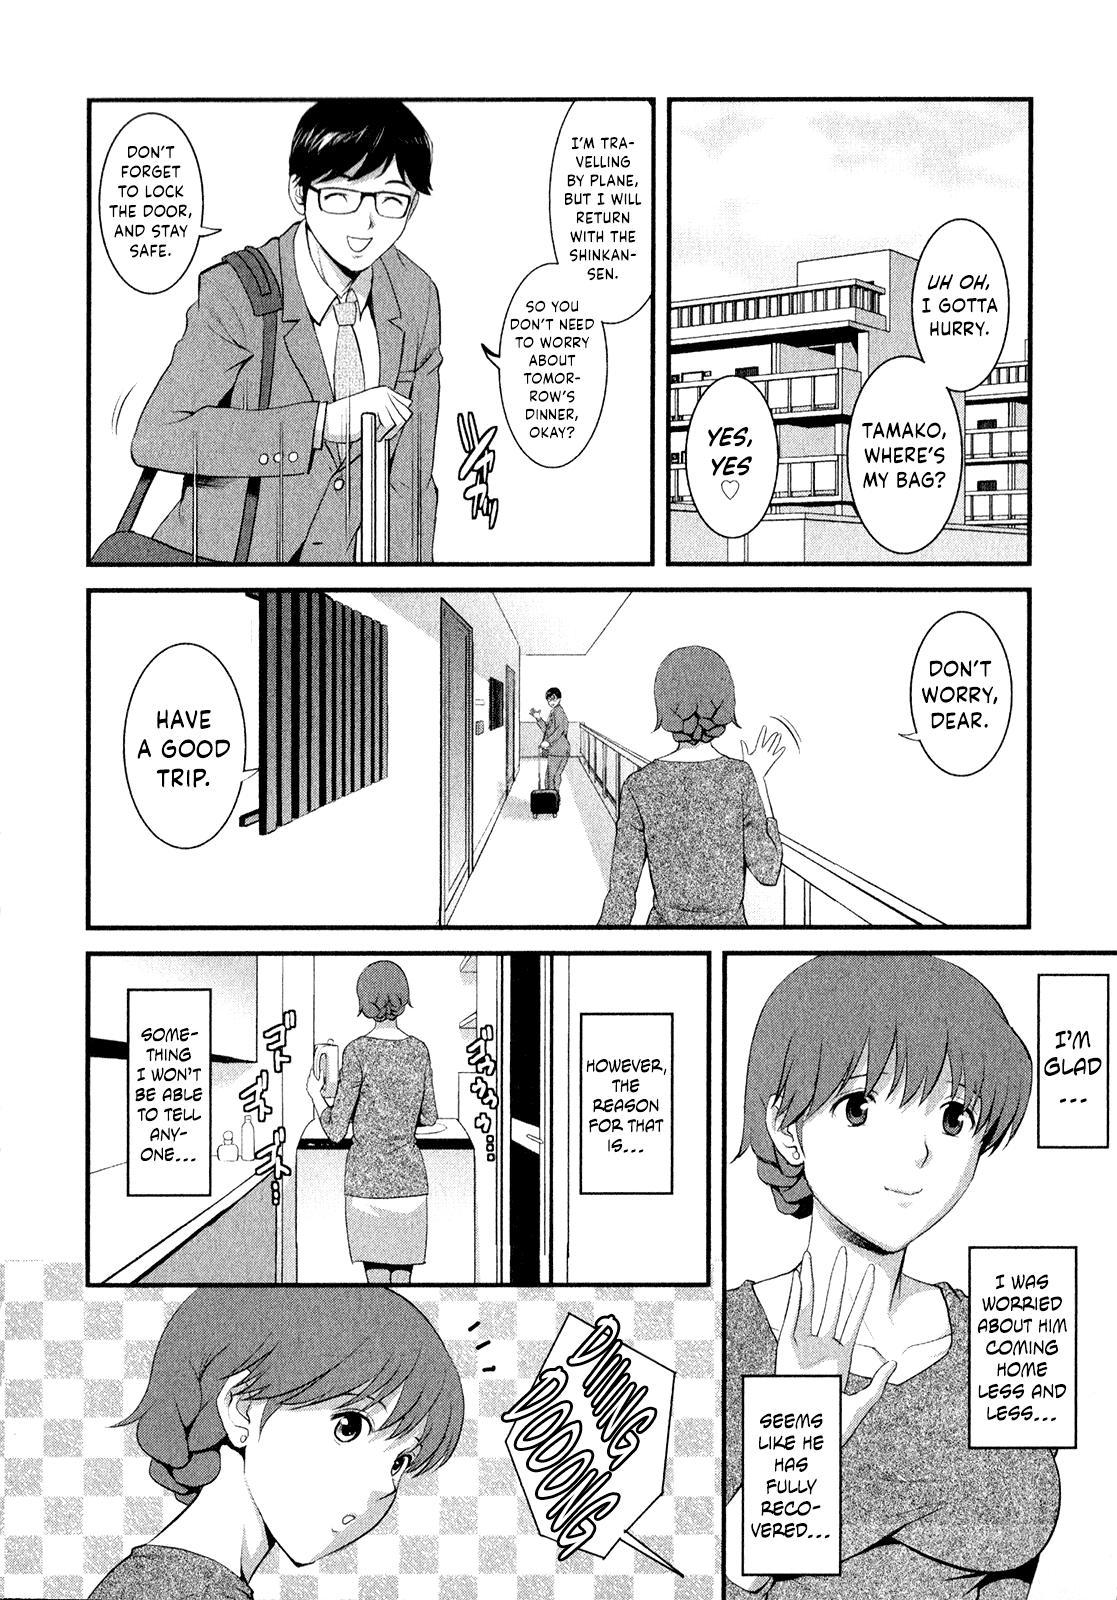 [Saigado] Hitozuma Audrey-san no Himitsu ~30-sai kara no Furyou Tsuma Kouza~ - Vol. 2 [English] {Hennojin} 116